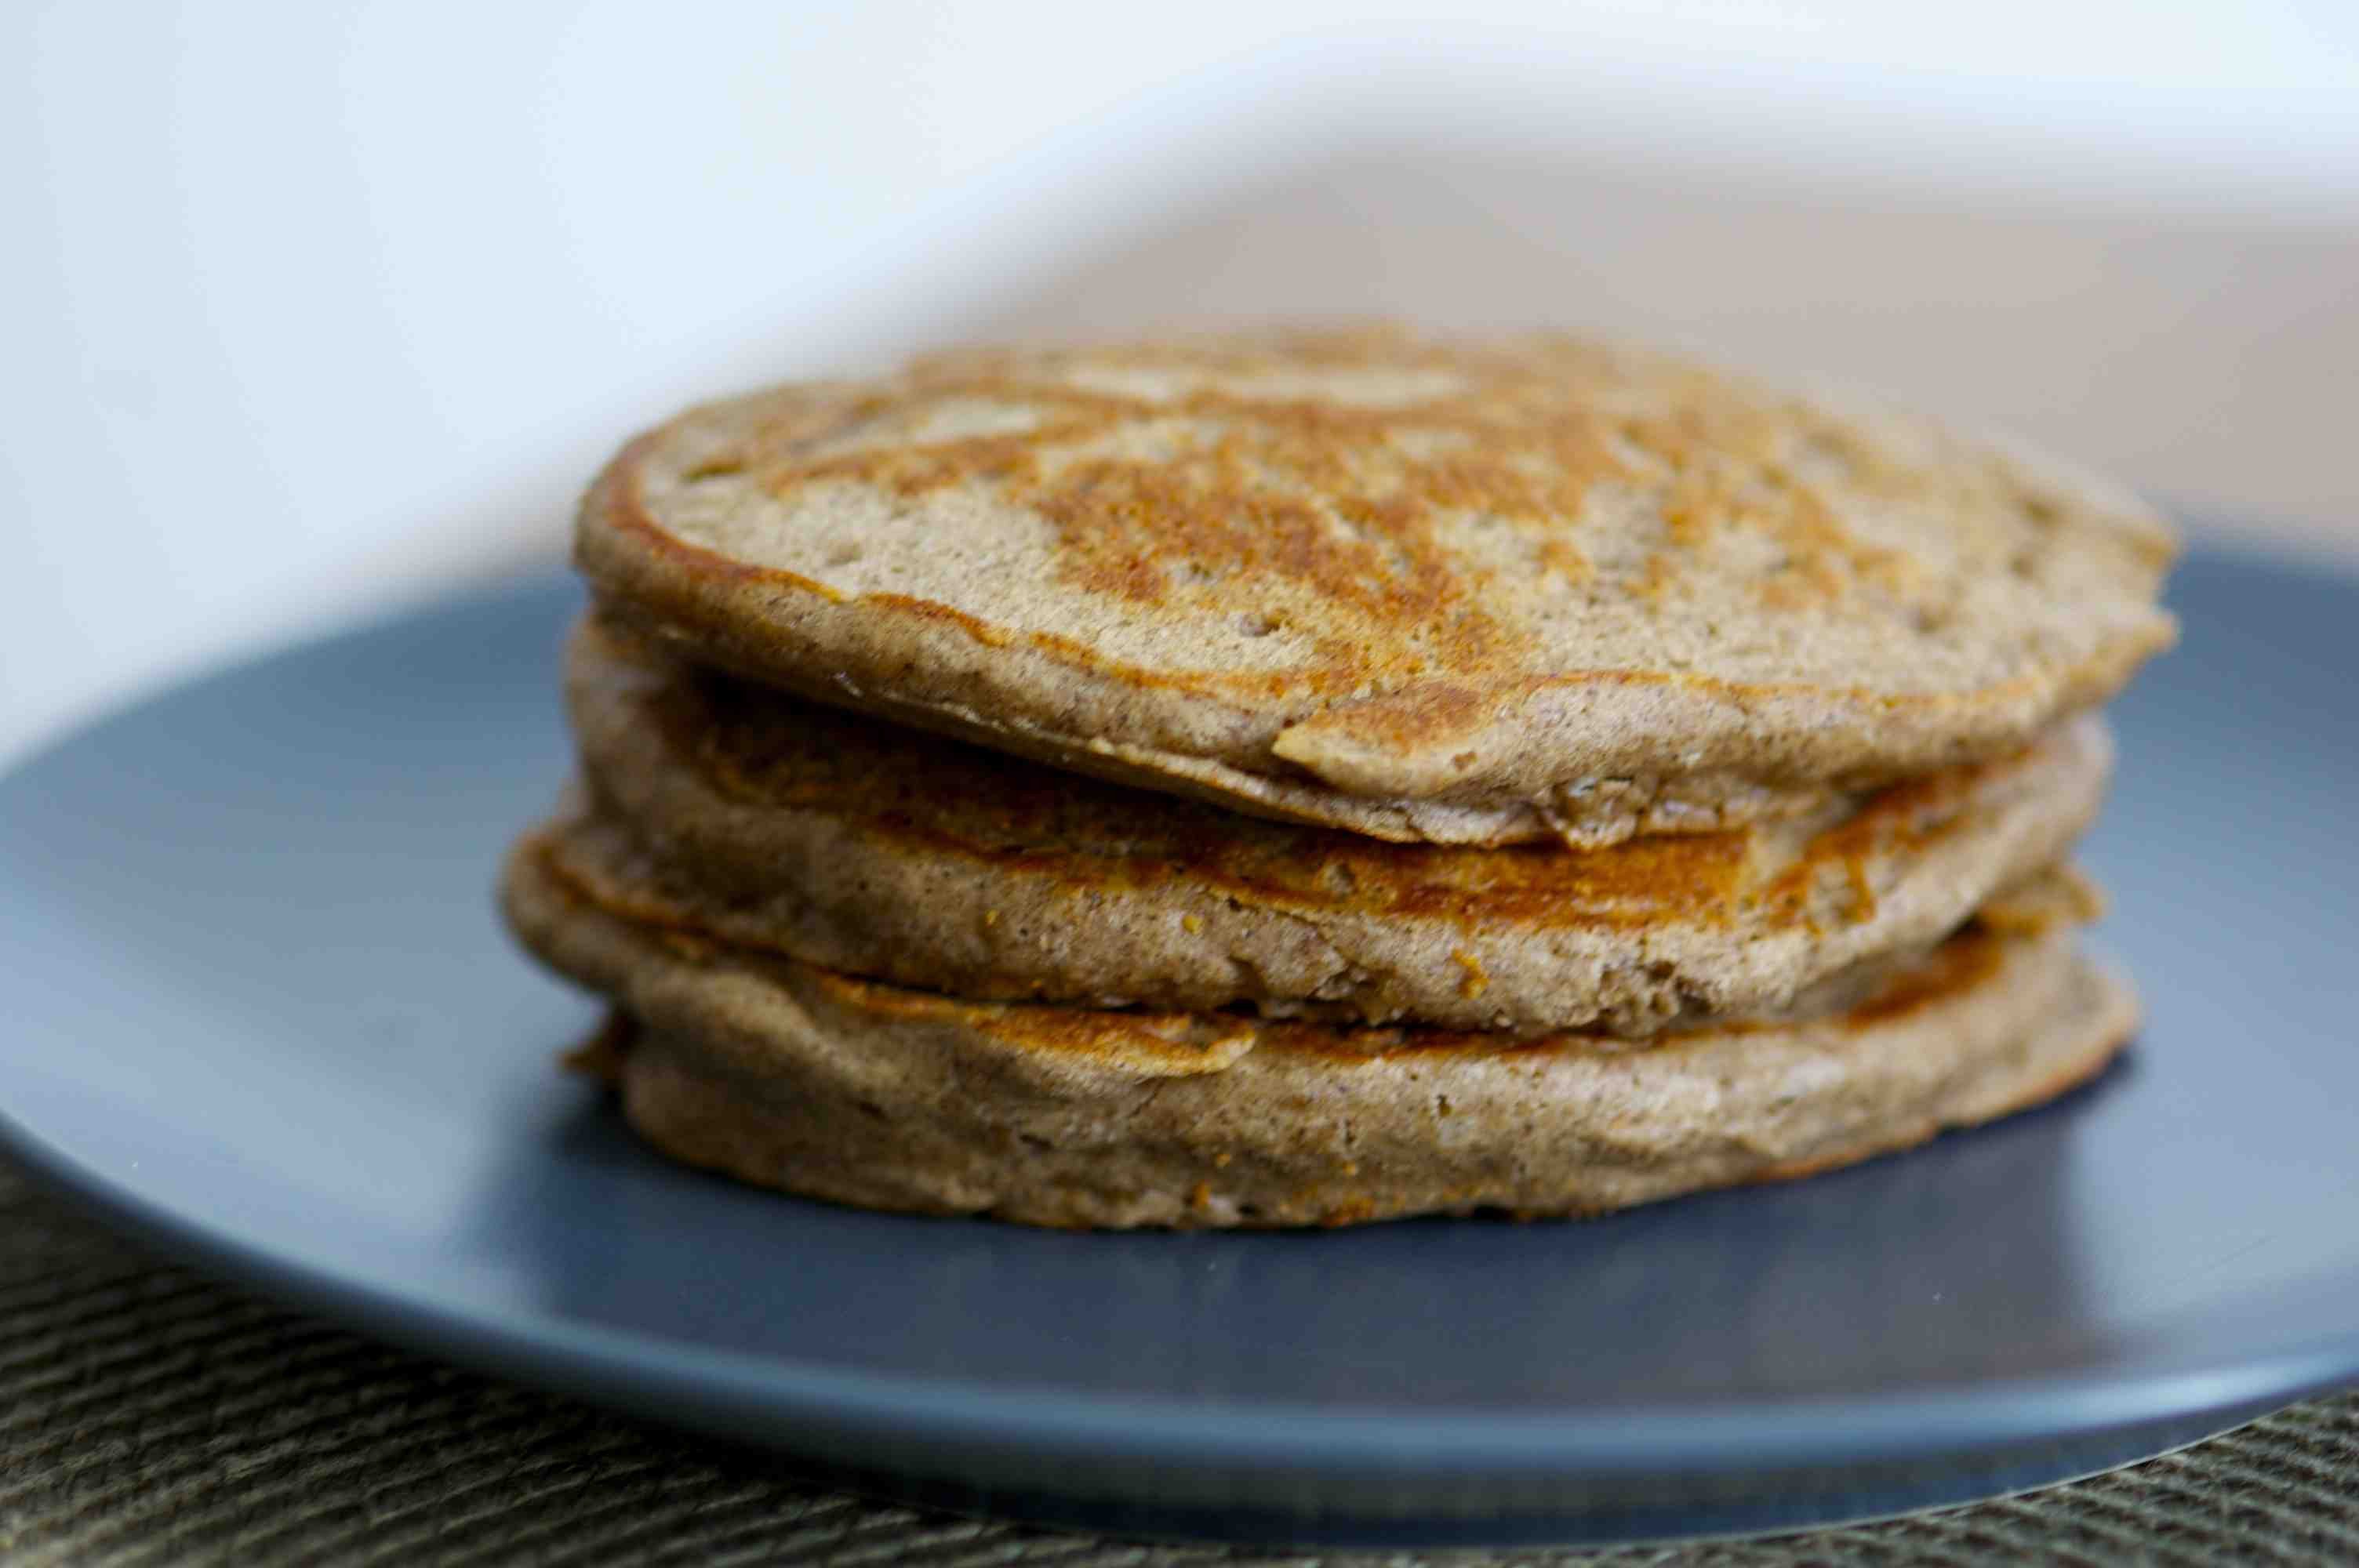 Alkaline Breakfast Recipes  Top 10 Alkaline Breakfast Ingre nts